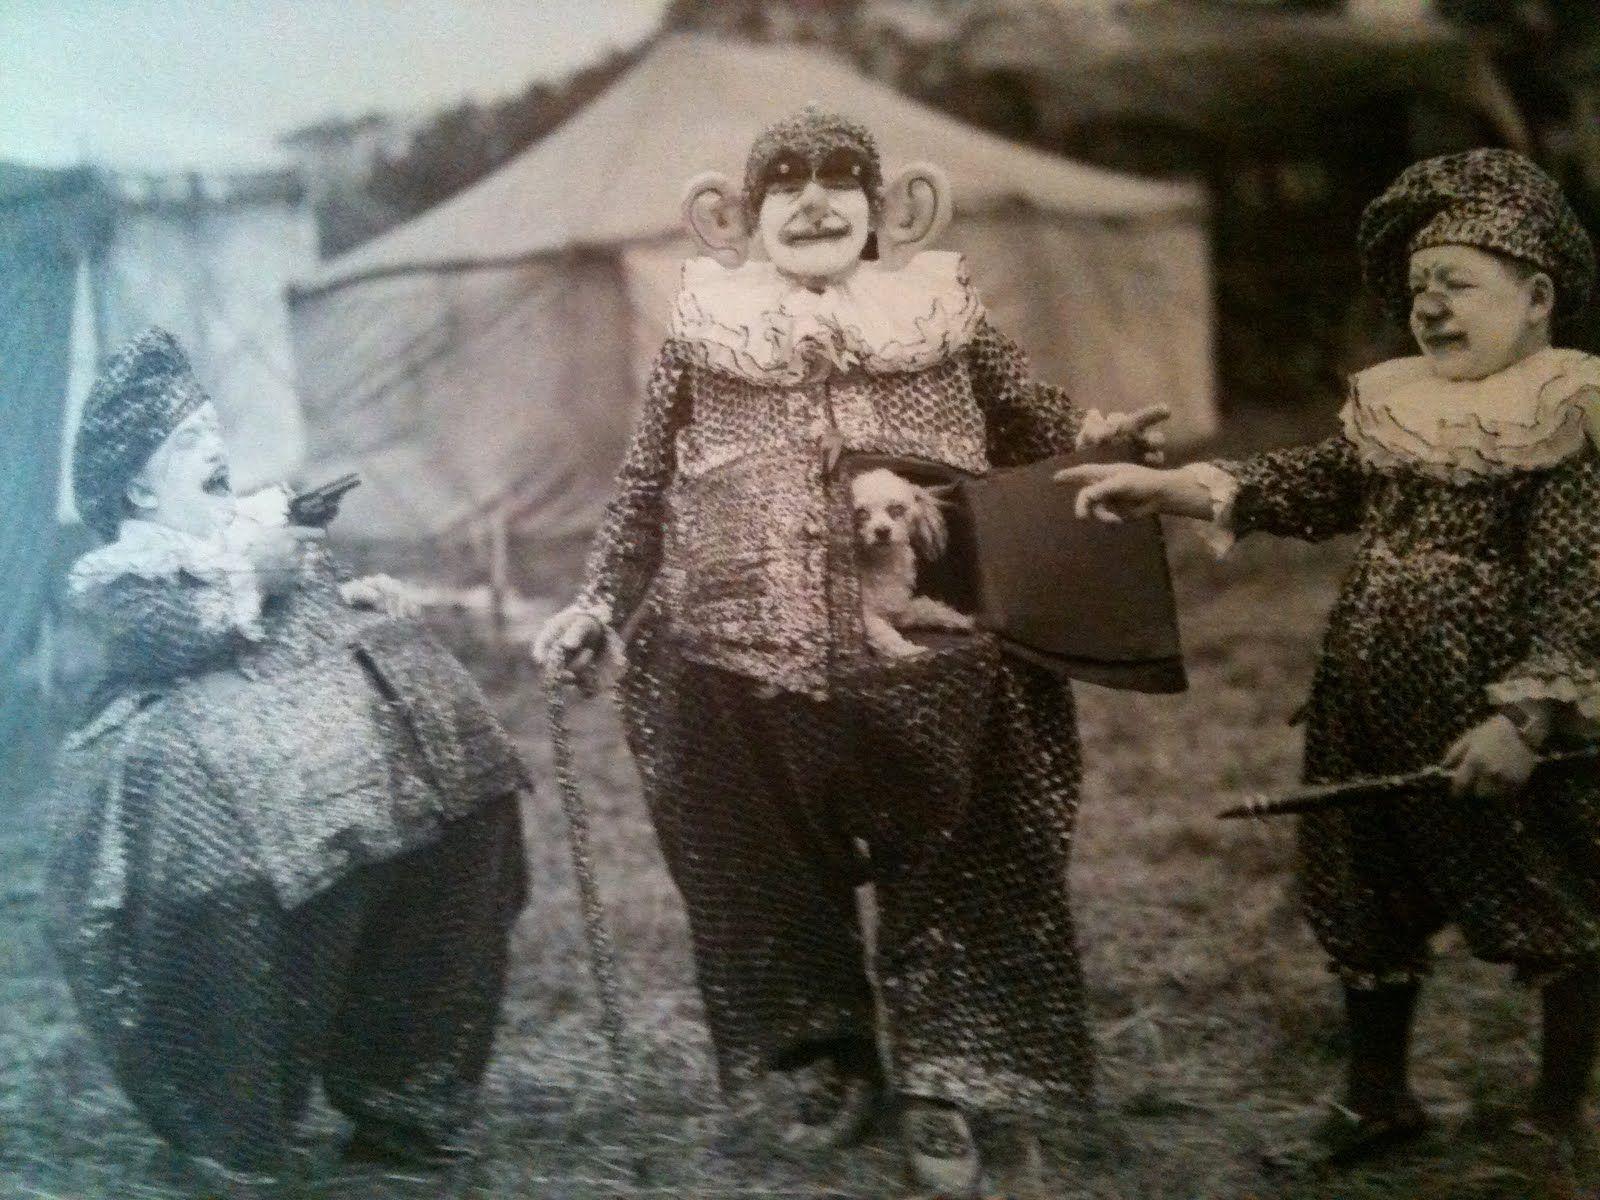 Circus Sideshow Freaks Vintage Photo Album